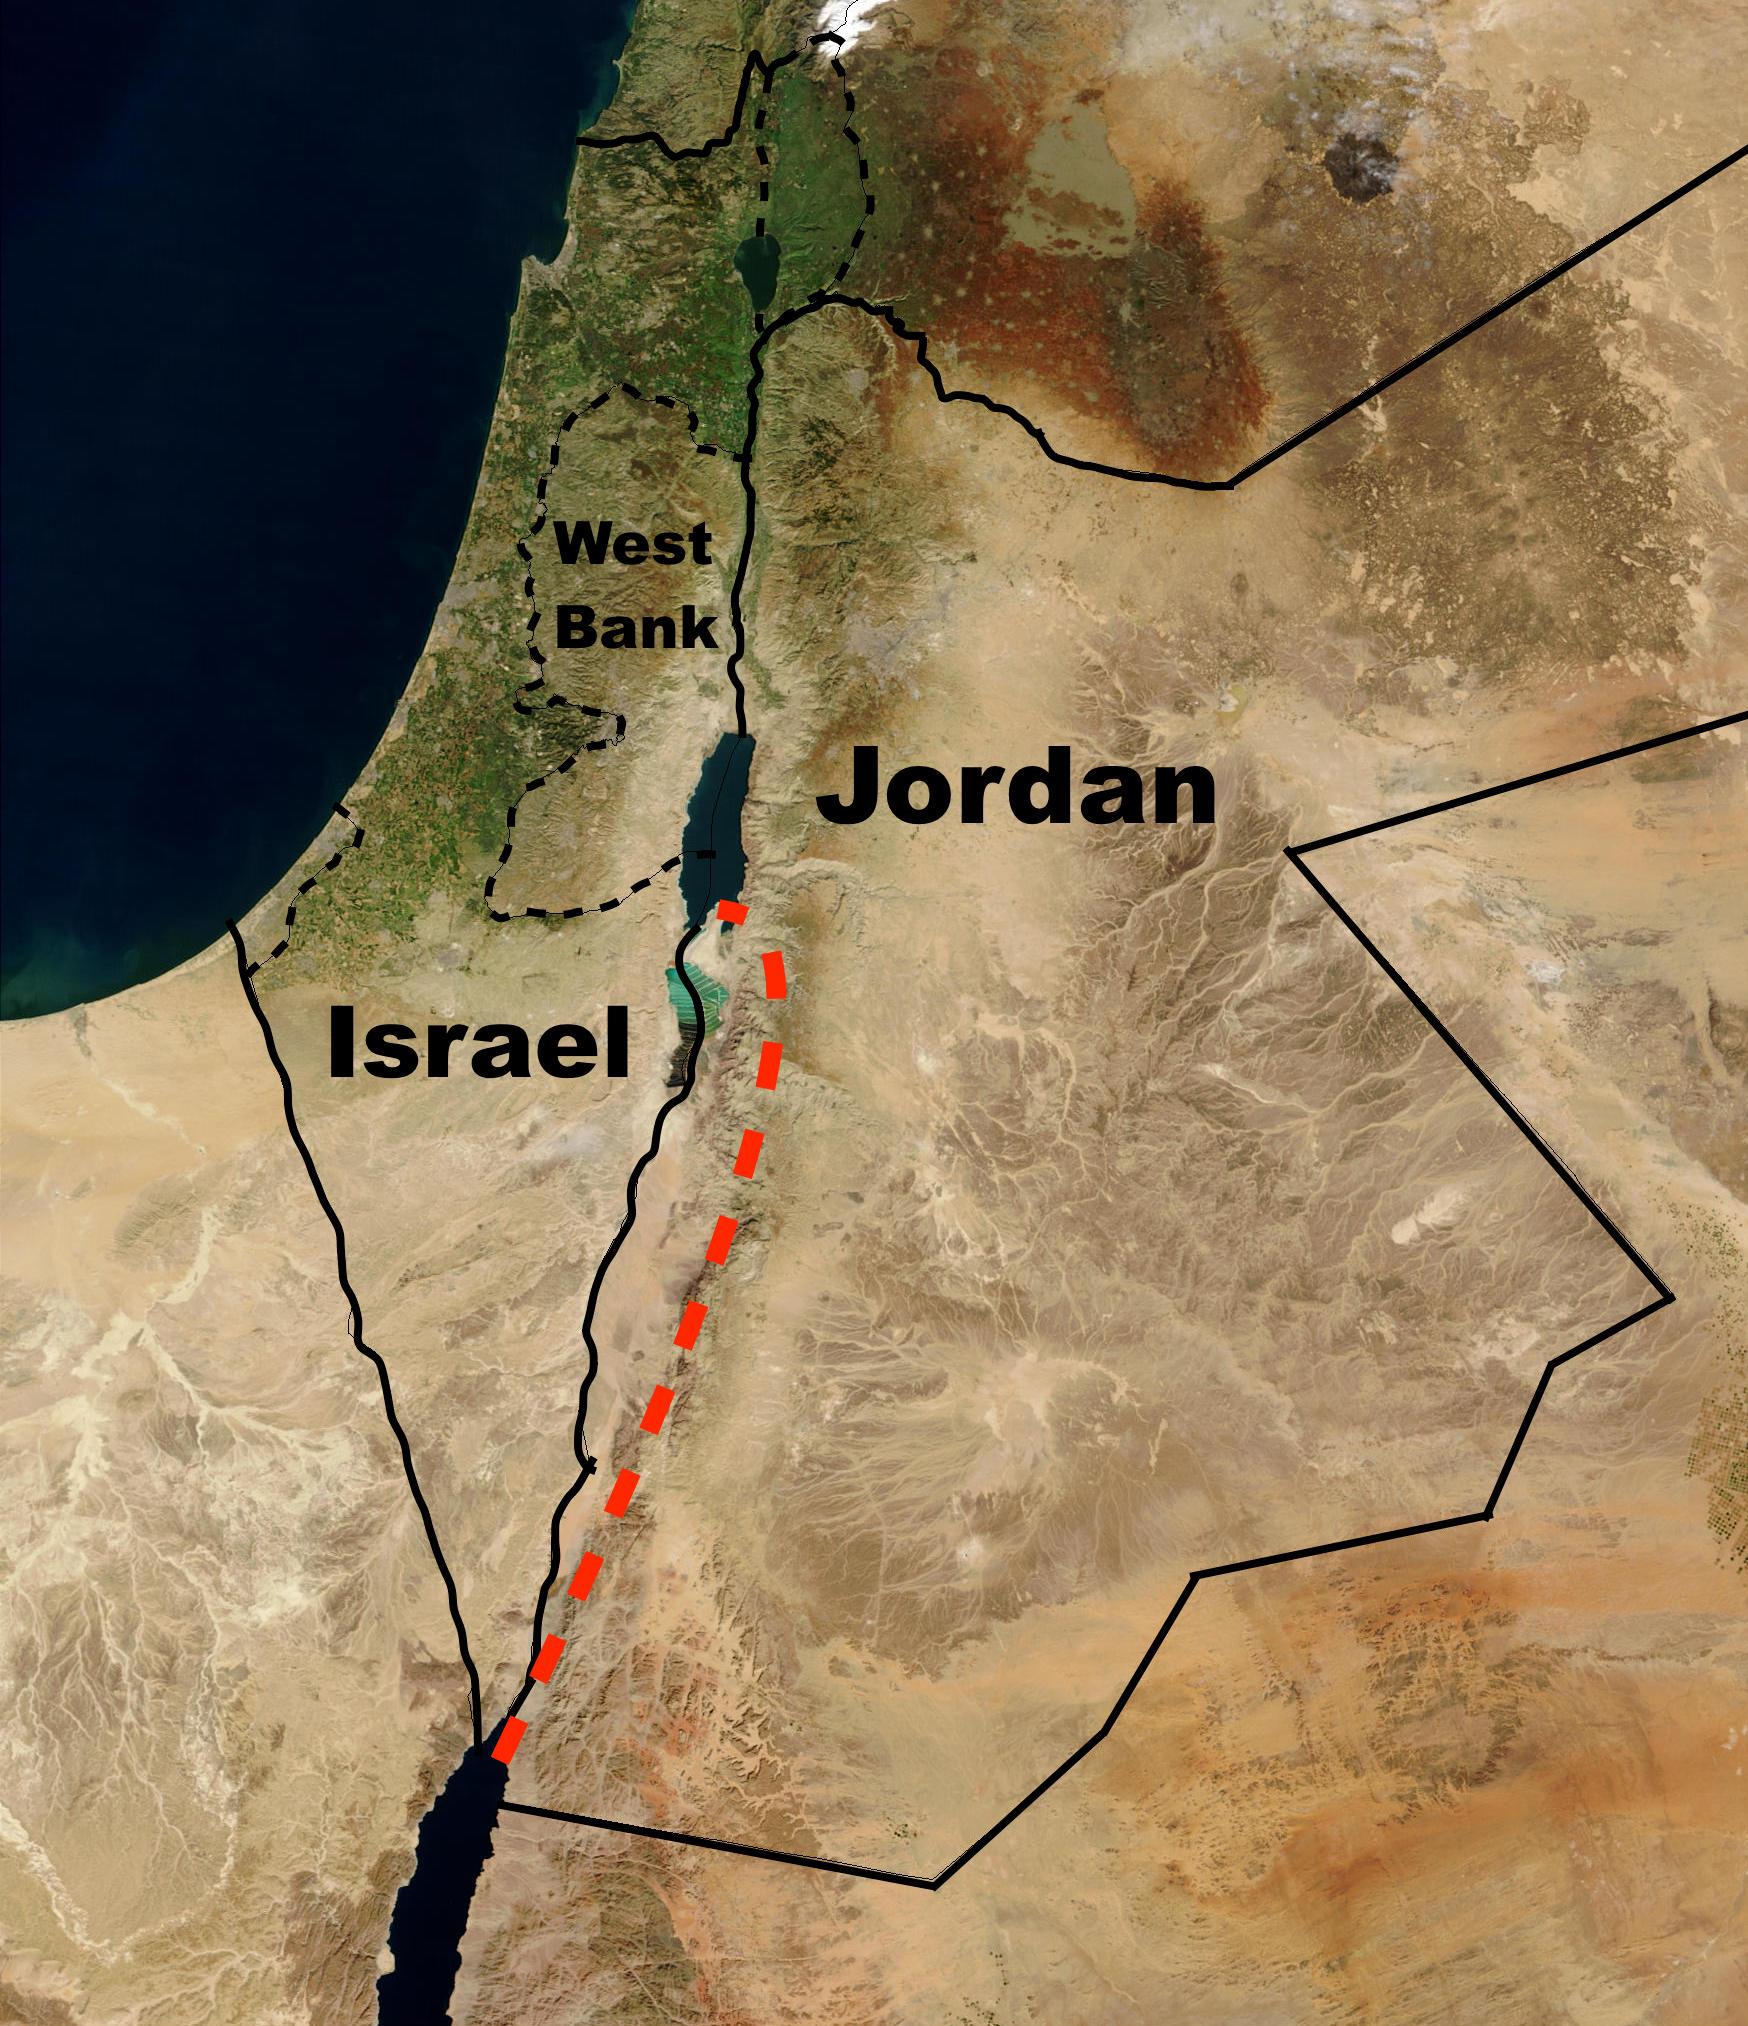 خريطة للأردن وإسرائيل، تُظهر خط مشروع قناة البحر الميت- البحر الأحمر، غربيّ الأردن، وبشكل كامل في الأراضي الأردنية. مصدر الصورة: ويكيبيديا.